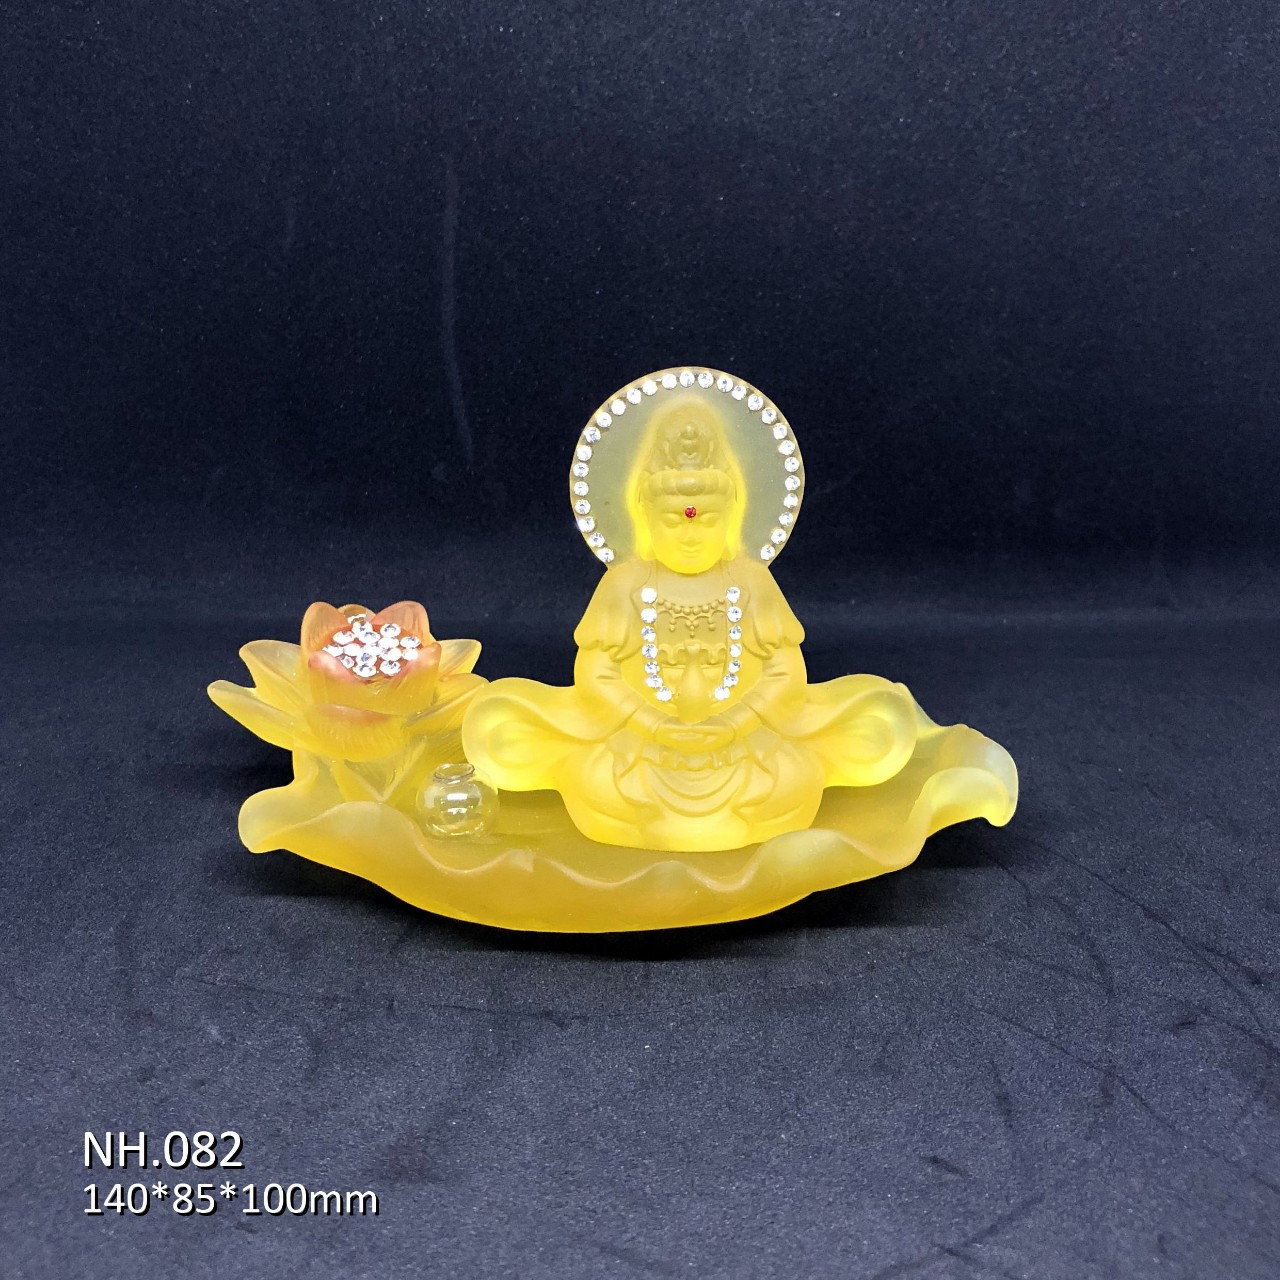 Phong thủy - Phật NH082 140x85x100mm giá sỉ và lẻ rẻ nhất